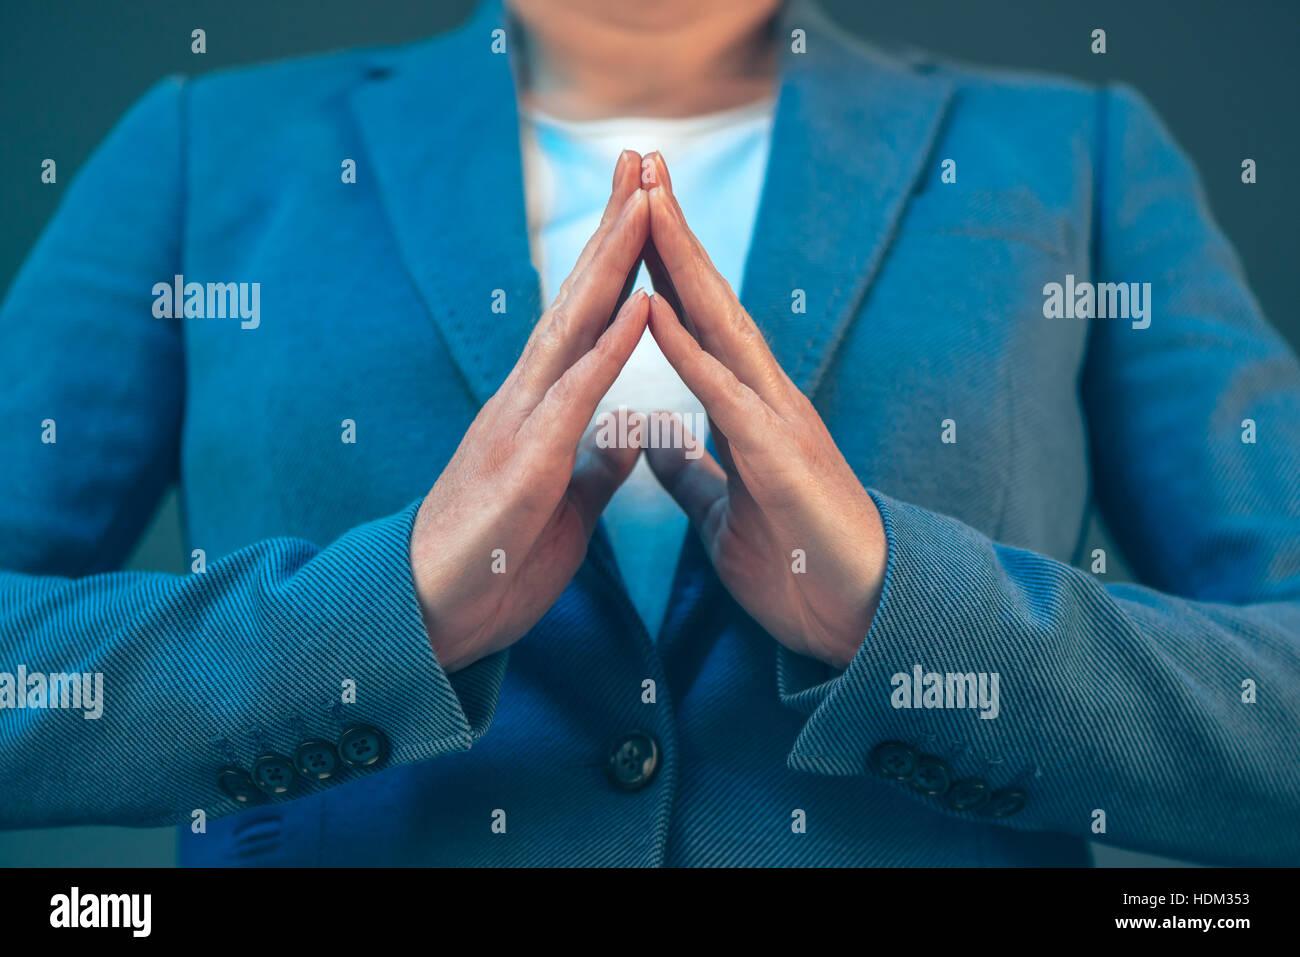 La empresaria el lenguaje corporal para la confianza y la autoestima, manos con dedos steepled Imagen De Stock